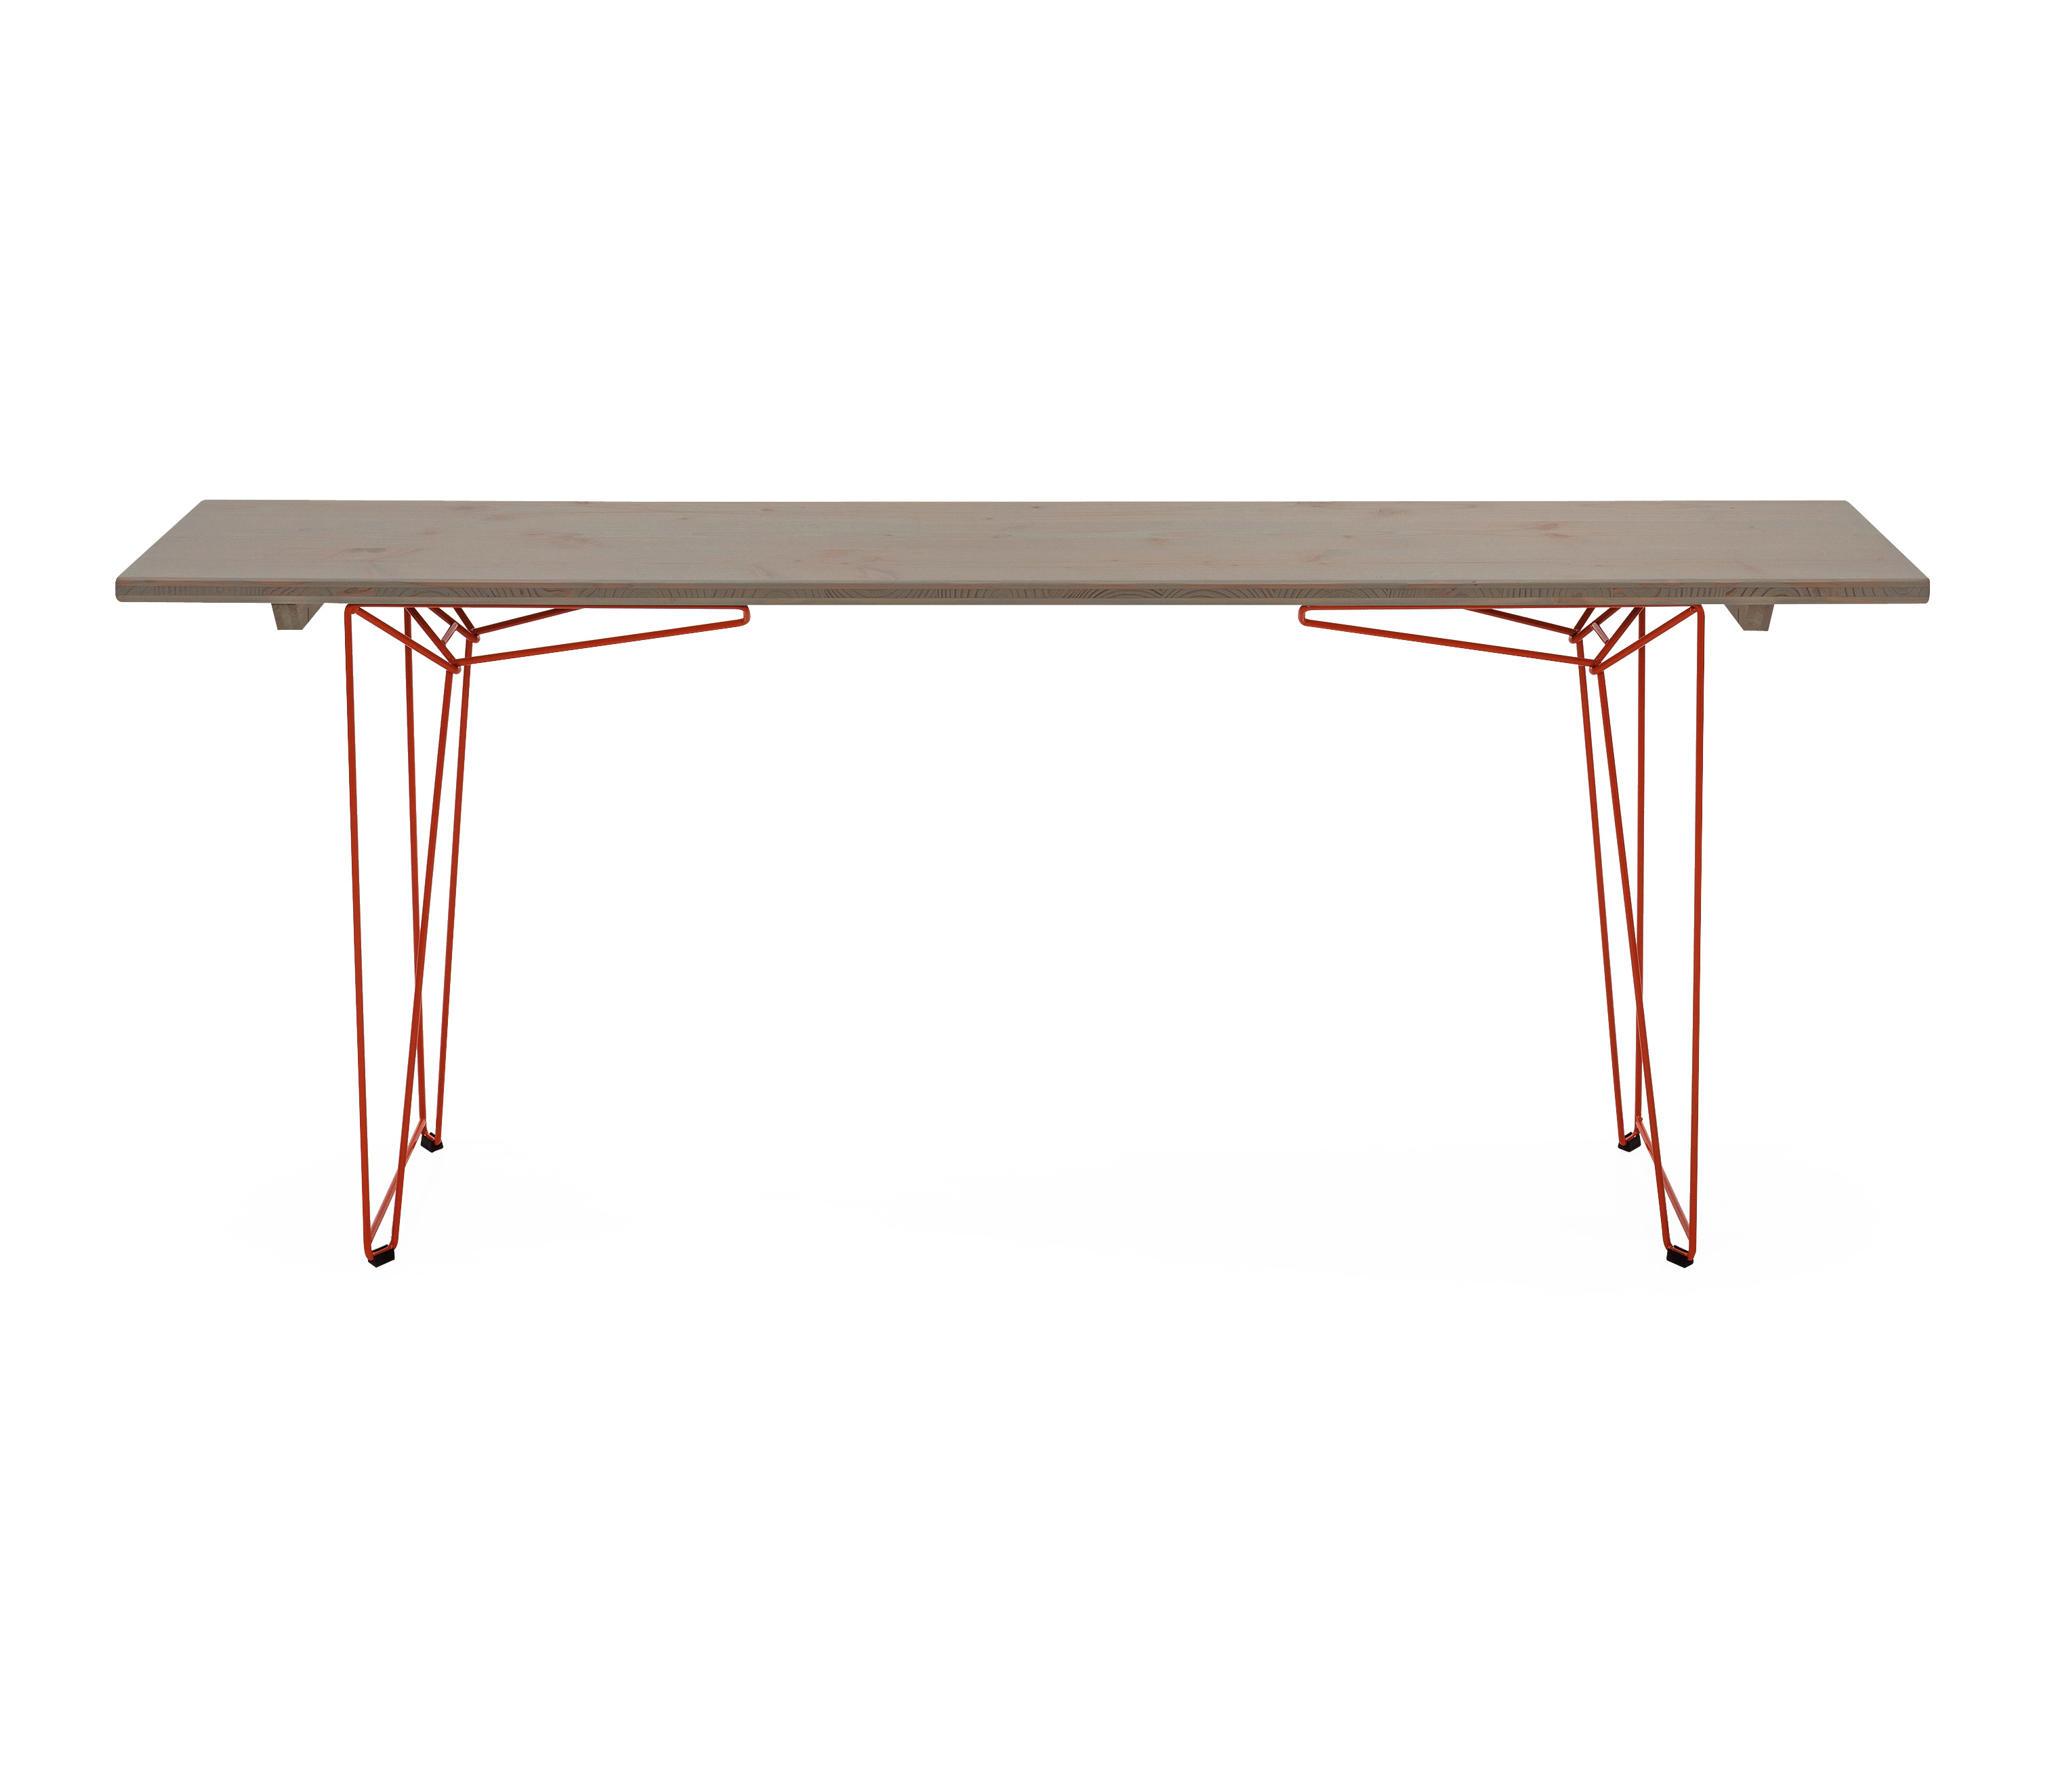 tisch und bank btb platte achatgrau ral 7038 esstische. Black Bedroom Furniture Sets. Home Design Ideas